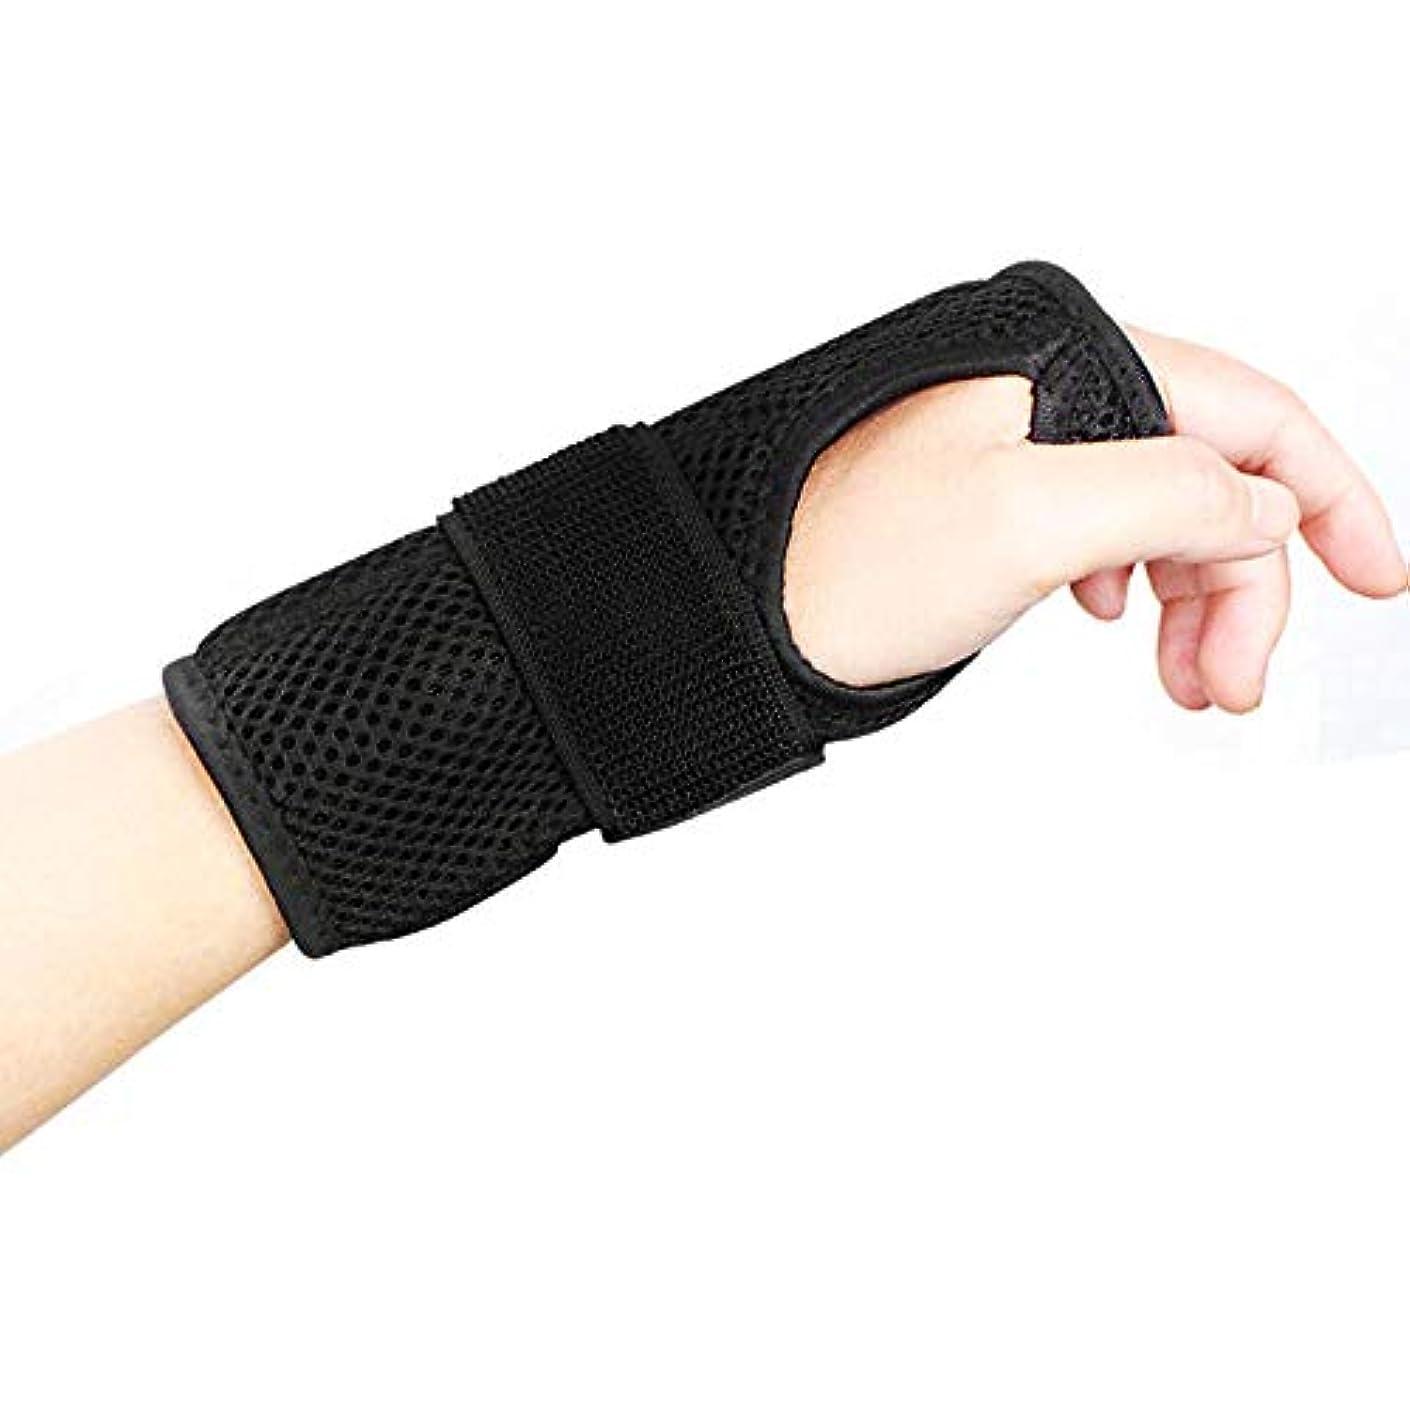 乳顎どこか手首サポートブレーススプリントは、怪我、スポーツ、ジム、繰り返しの緊張などのために医学的に承認された調整可能な弾性ブレースです デザイン,Righthand,M